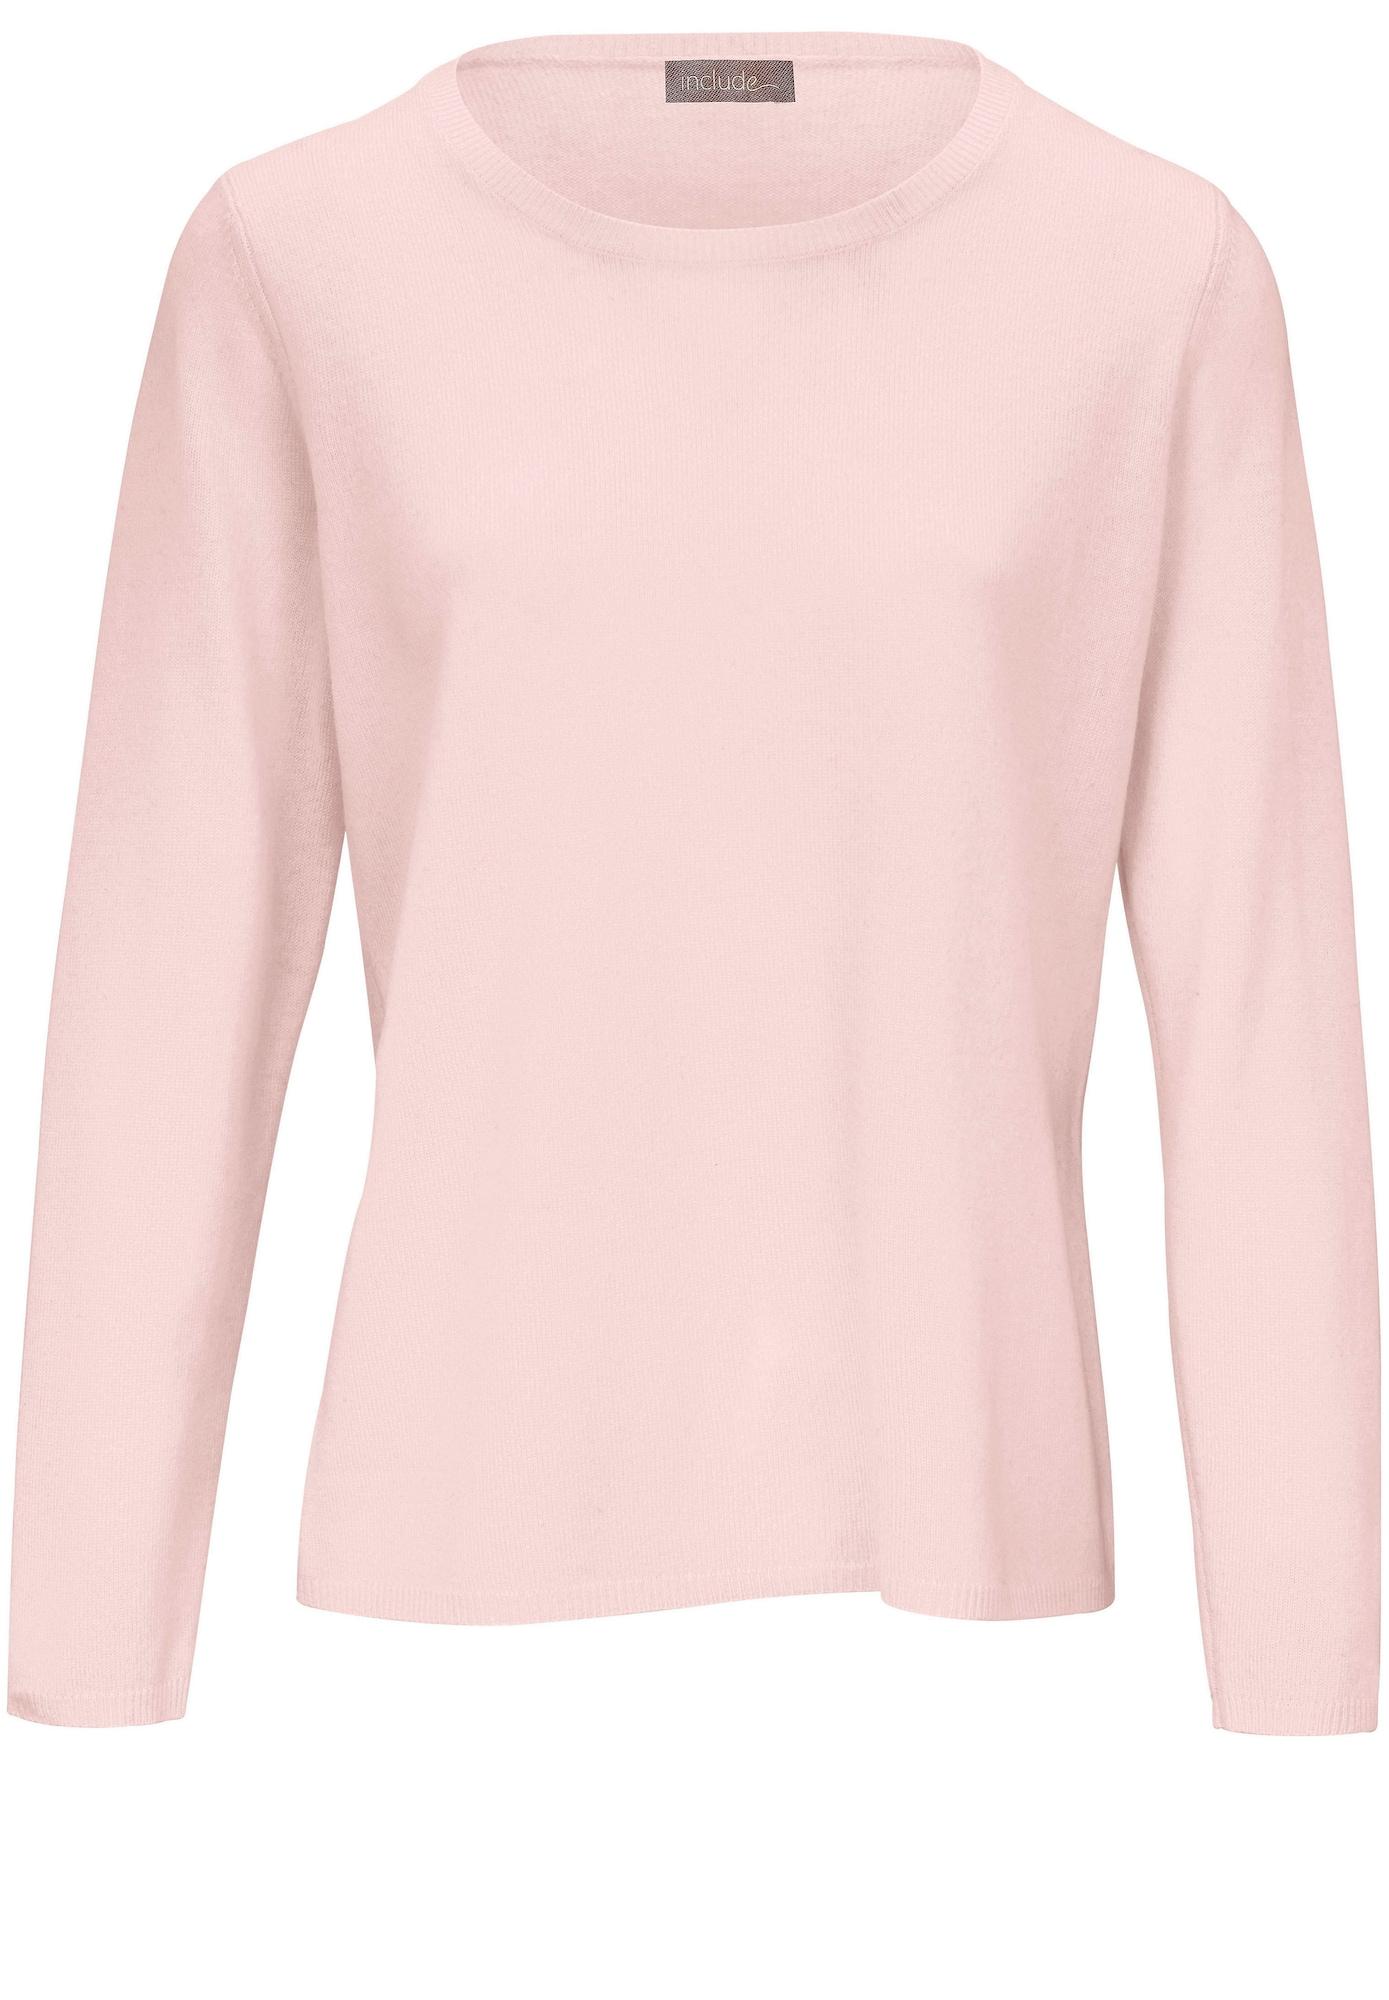 Pullover mit Rundhalsausschnitt | Bekleidung > Pullover > Rundhalspullover | Include